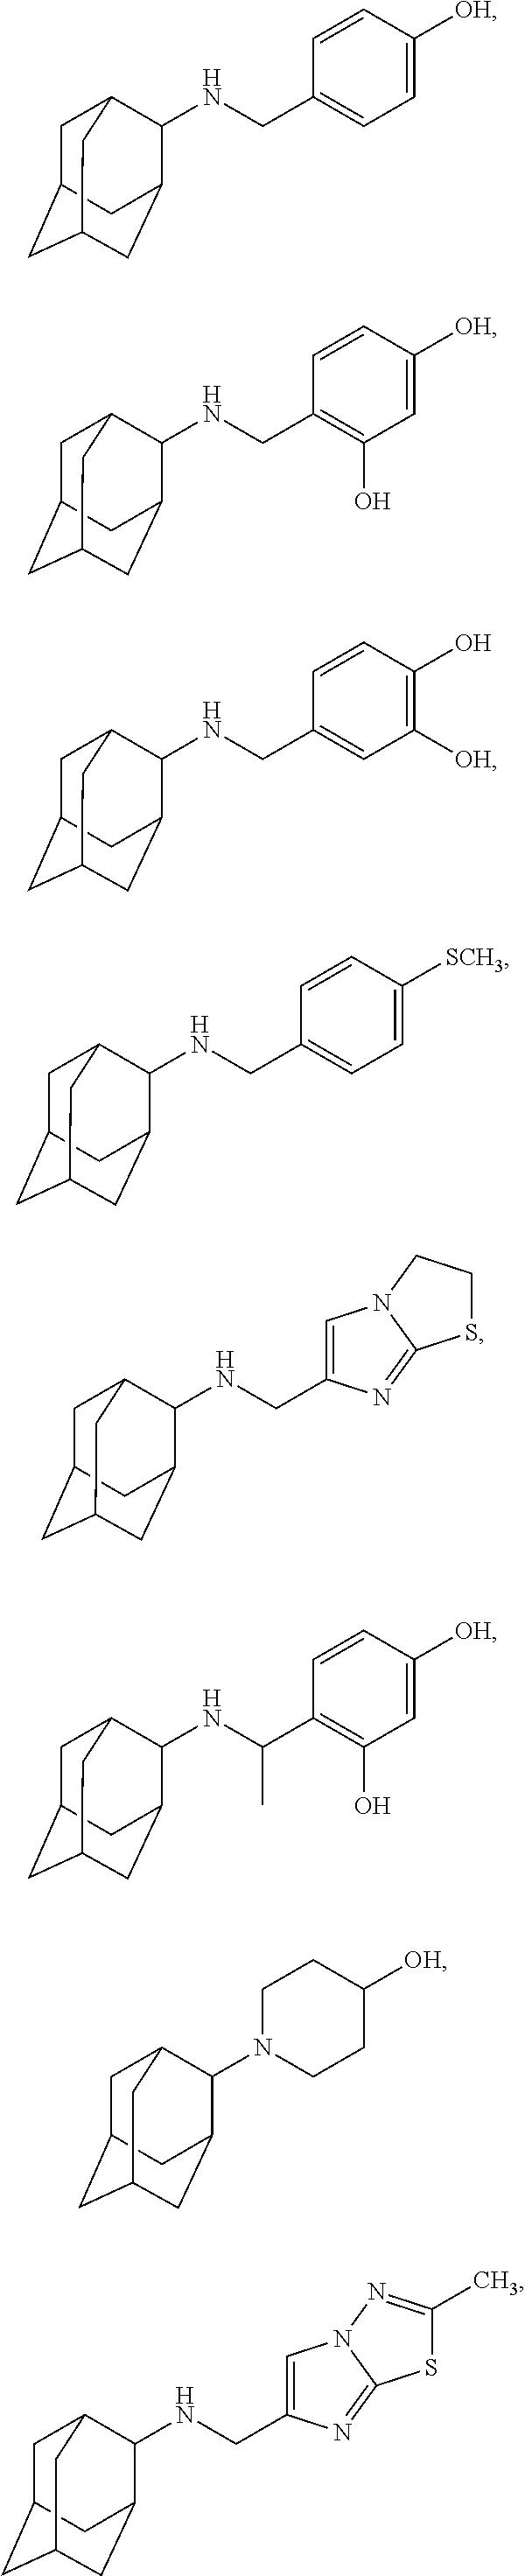 Figure US09884832-20180206-C00099